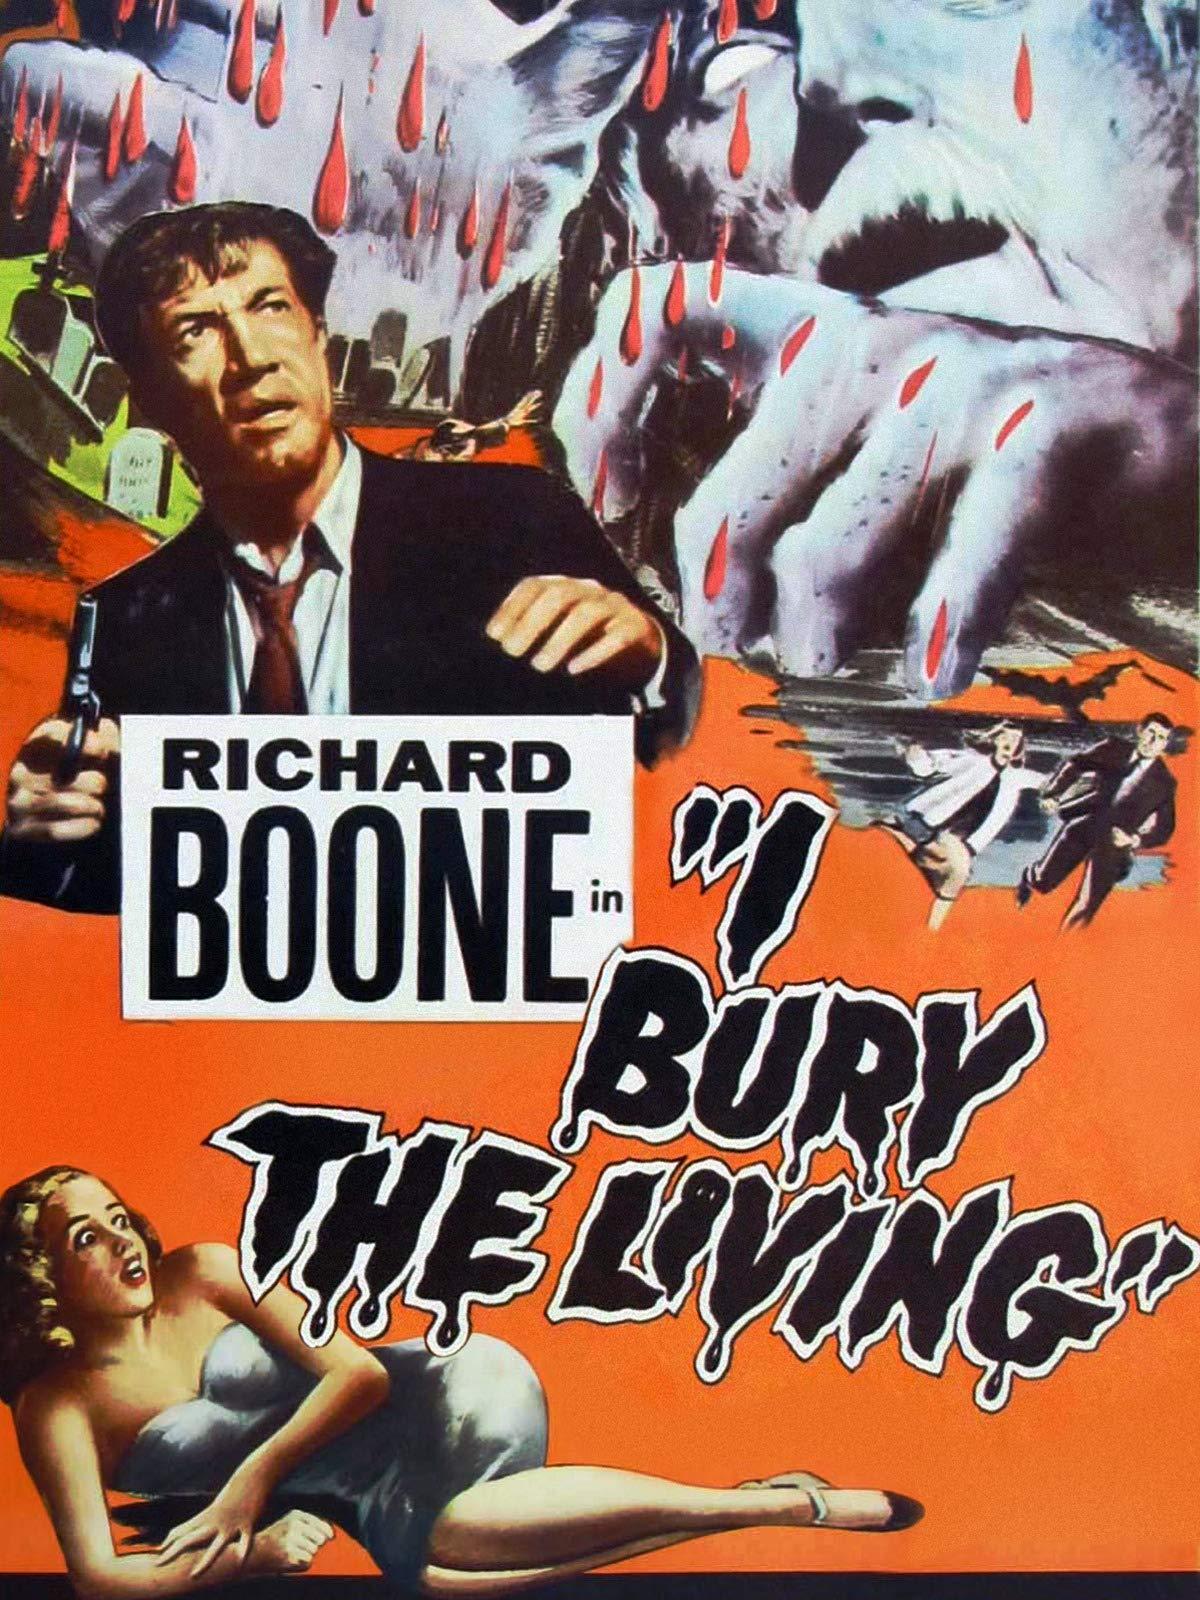 Richard Boone in I Bury The Living